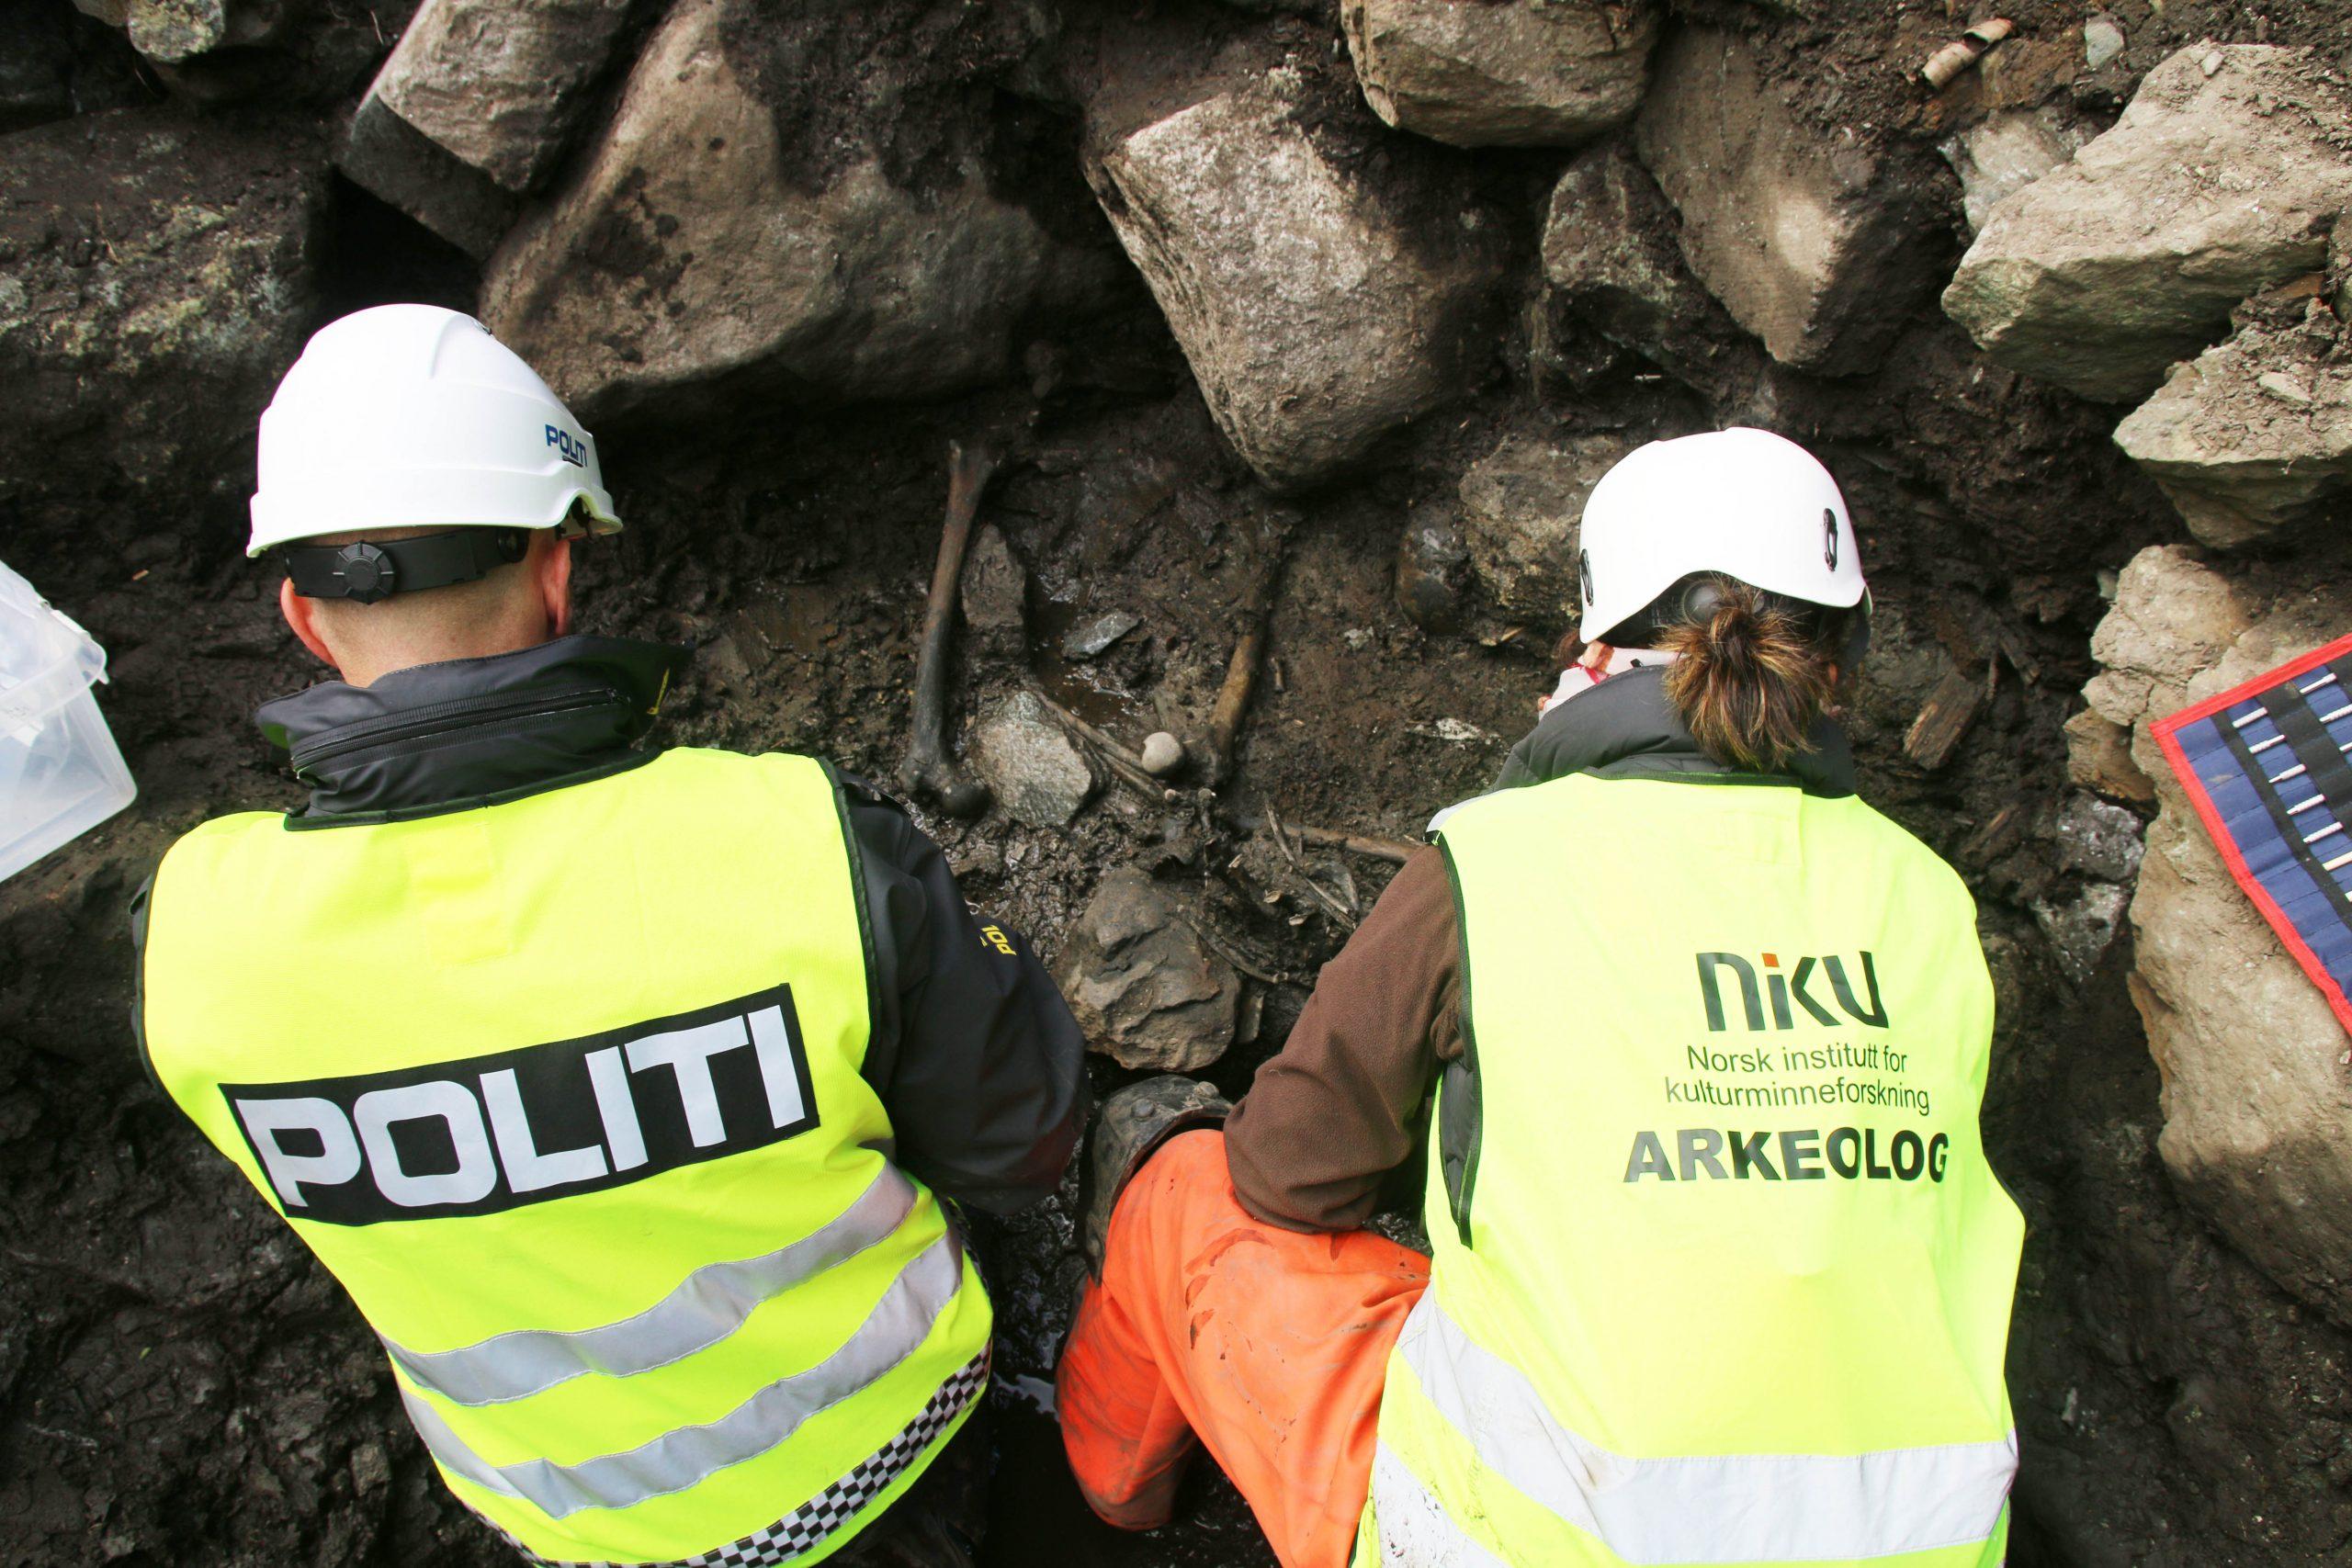 Bildet viser Åstedsgransker fra politiet hjelper arkeologene når hendelsesforløpet fra den dramatiske dagen i 1197 skal rekonstrueres. Foto: NIKU